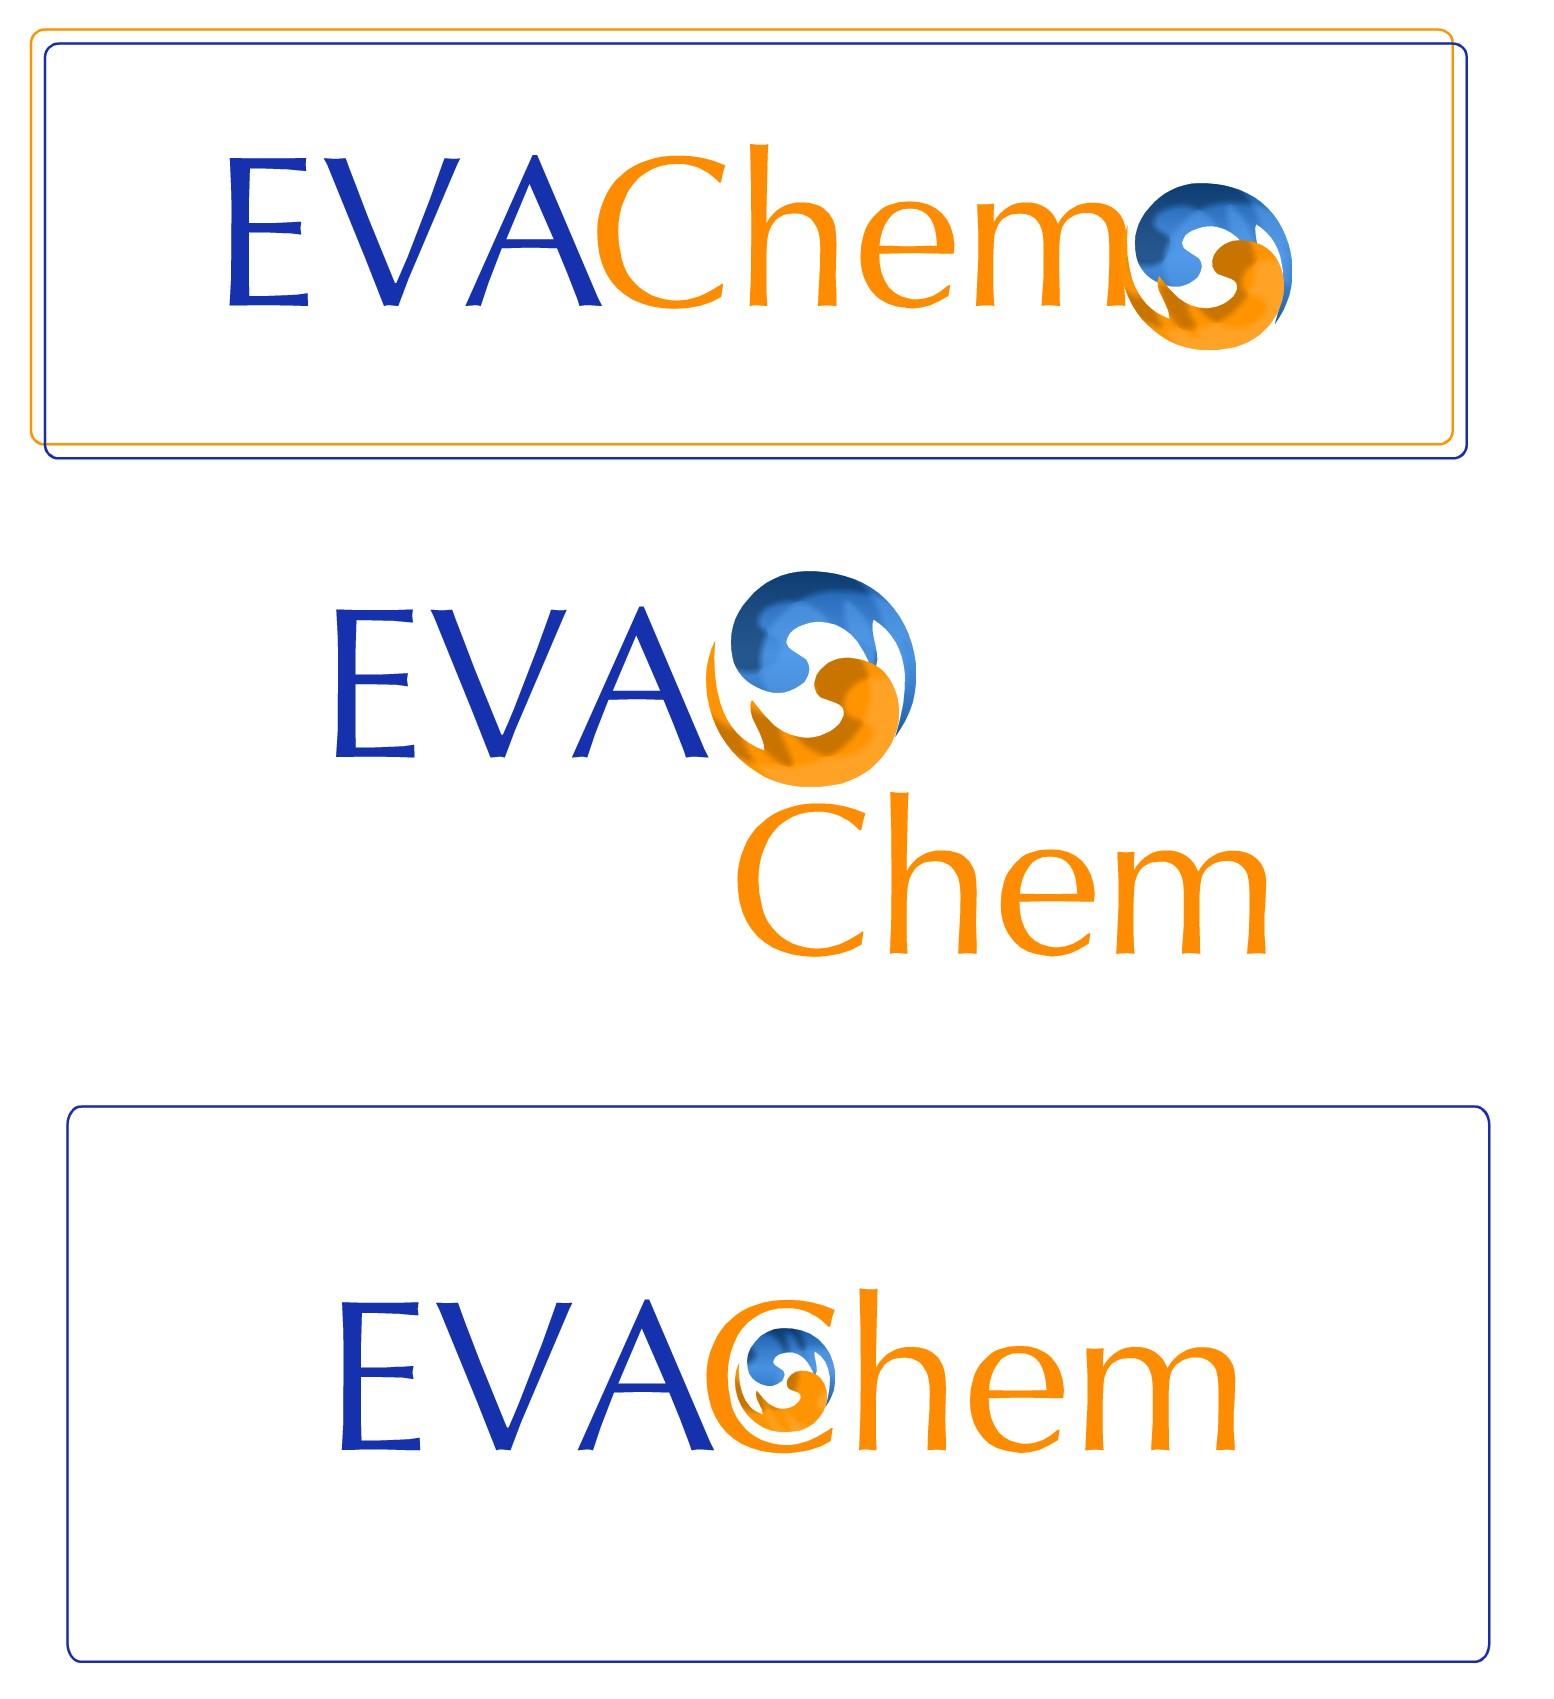 Разработка логотипа и фирменного стиля компании фото f_334571cae70b63fa.jpg